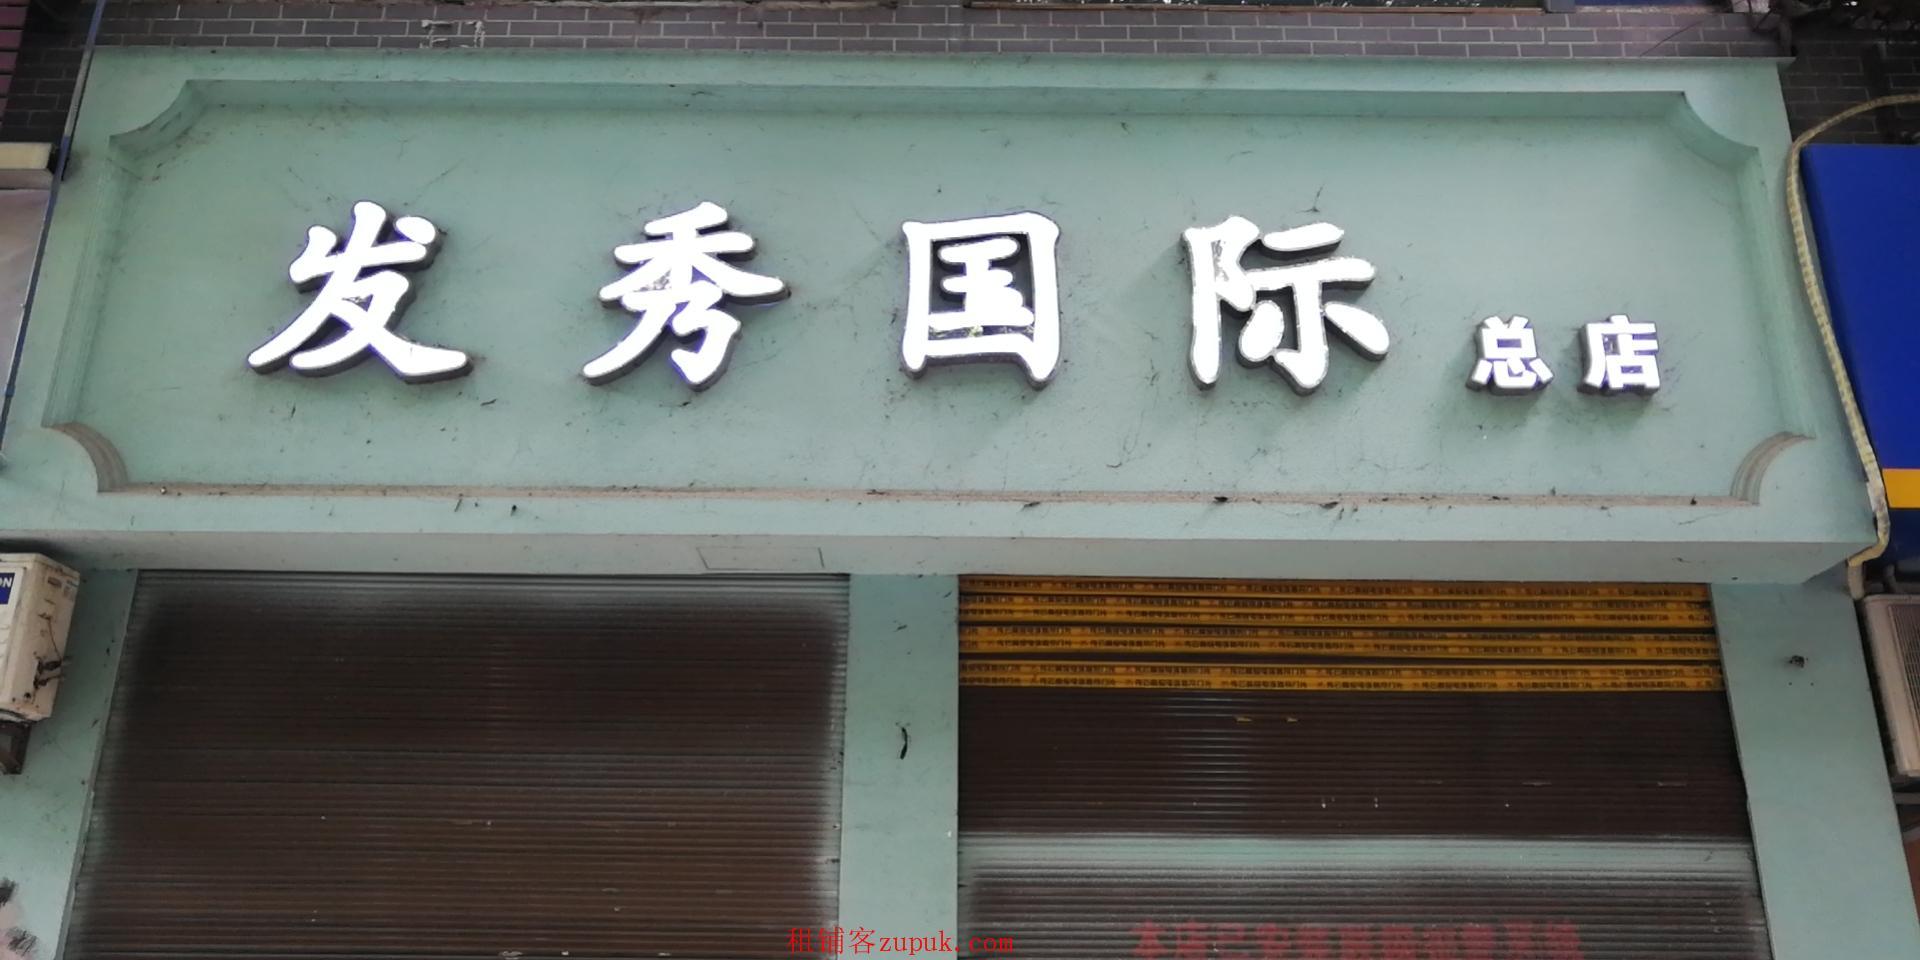 门面出租:永川区西外老街259号,老城区临街门面